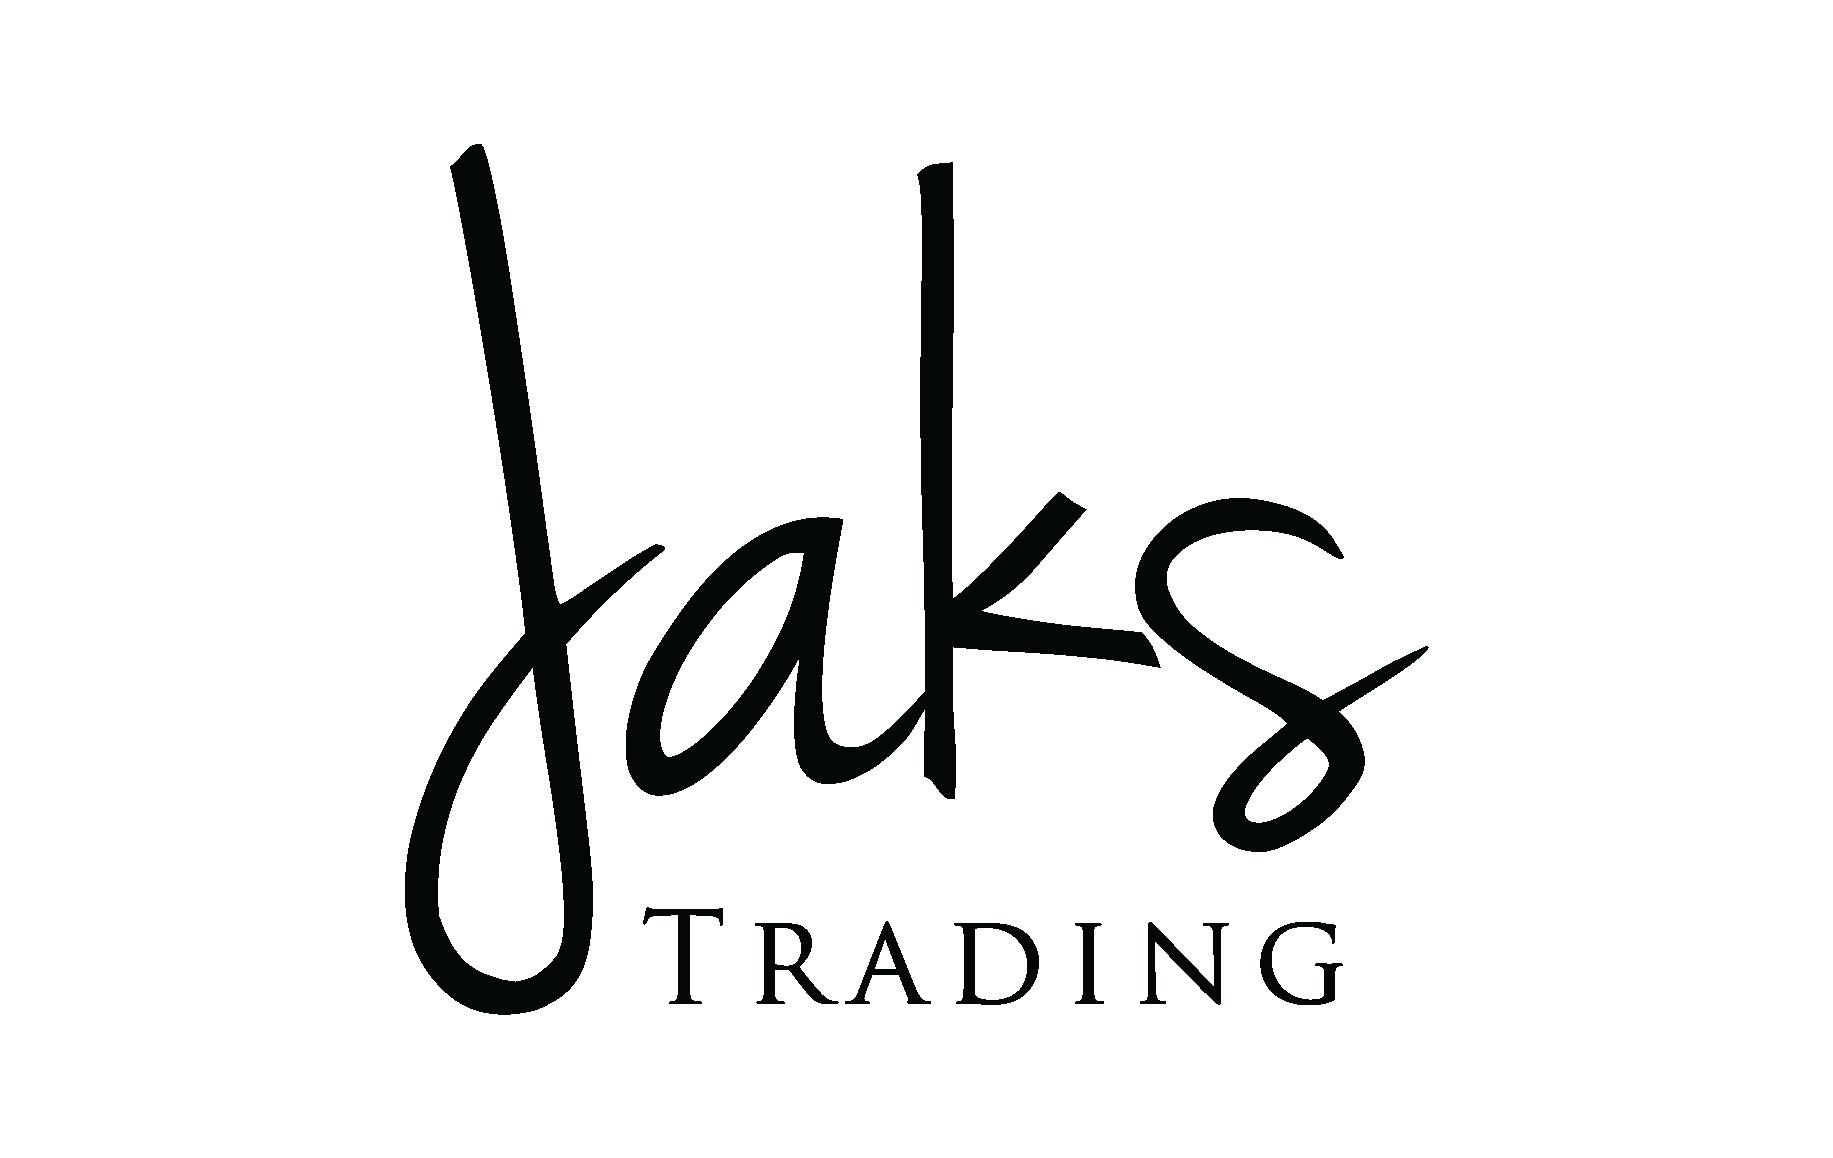 Jaks Trading Co.